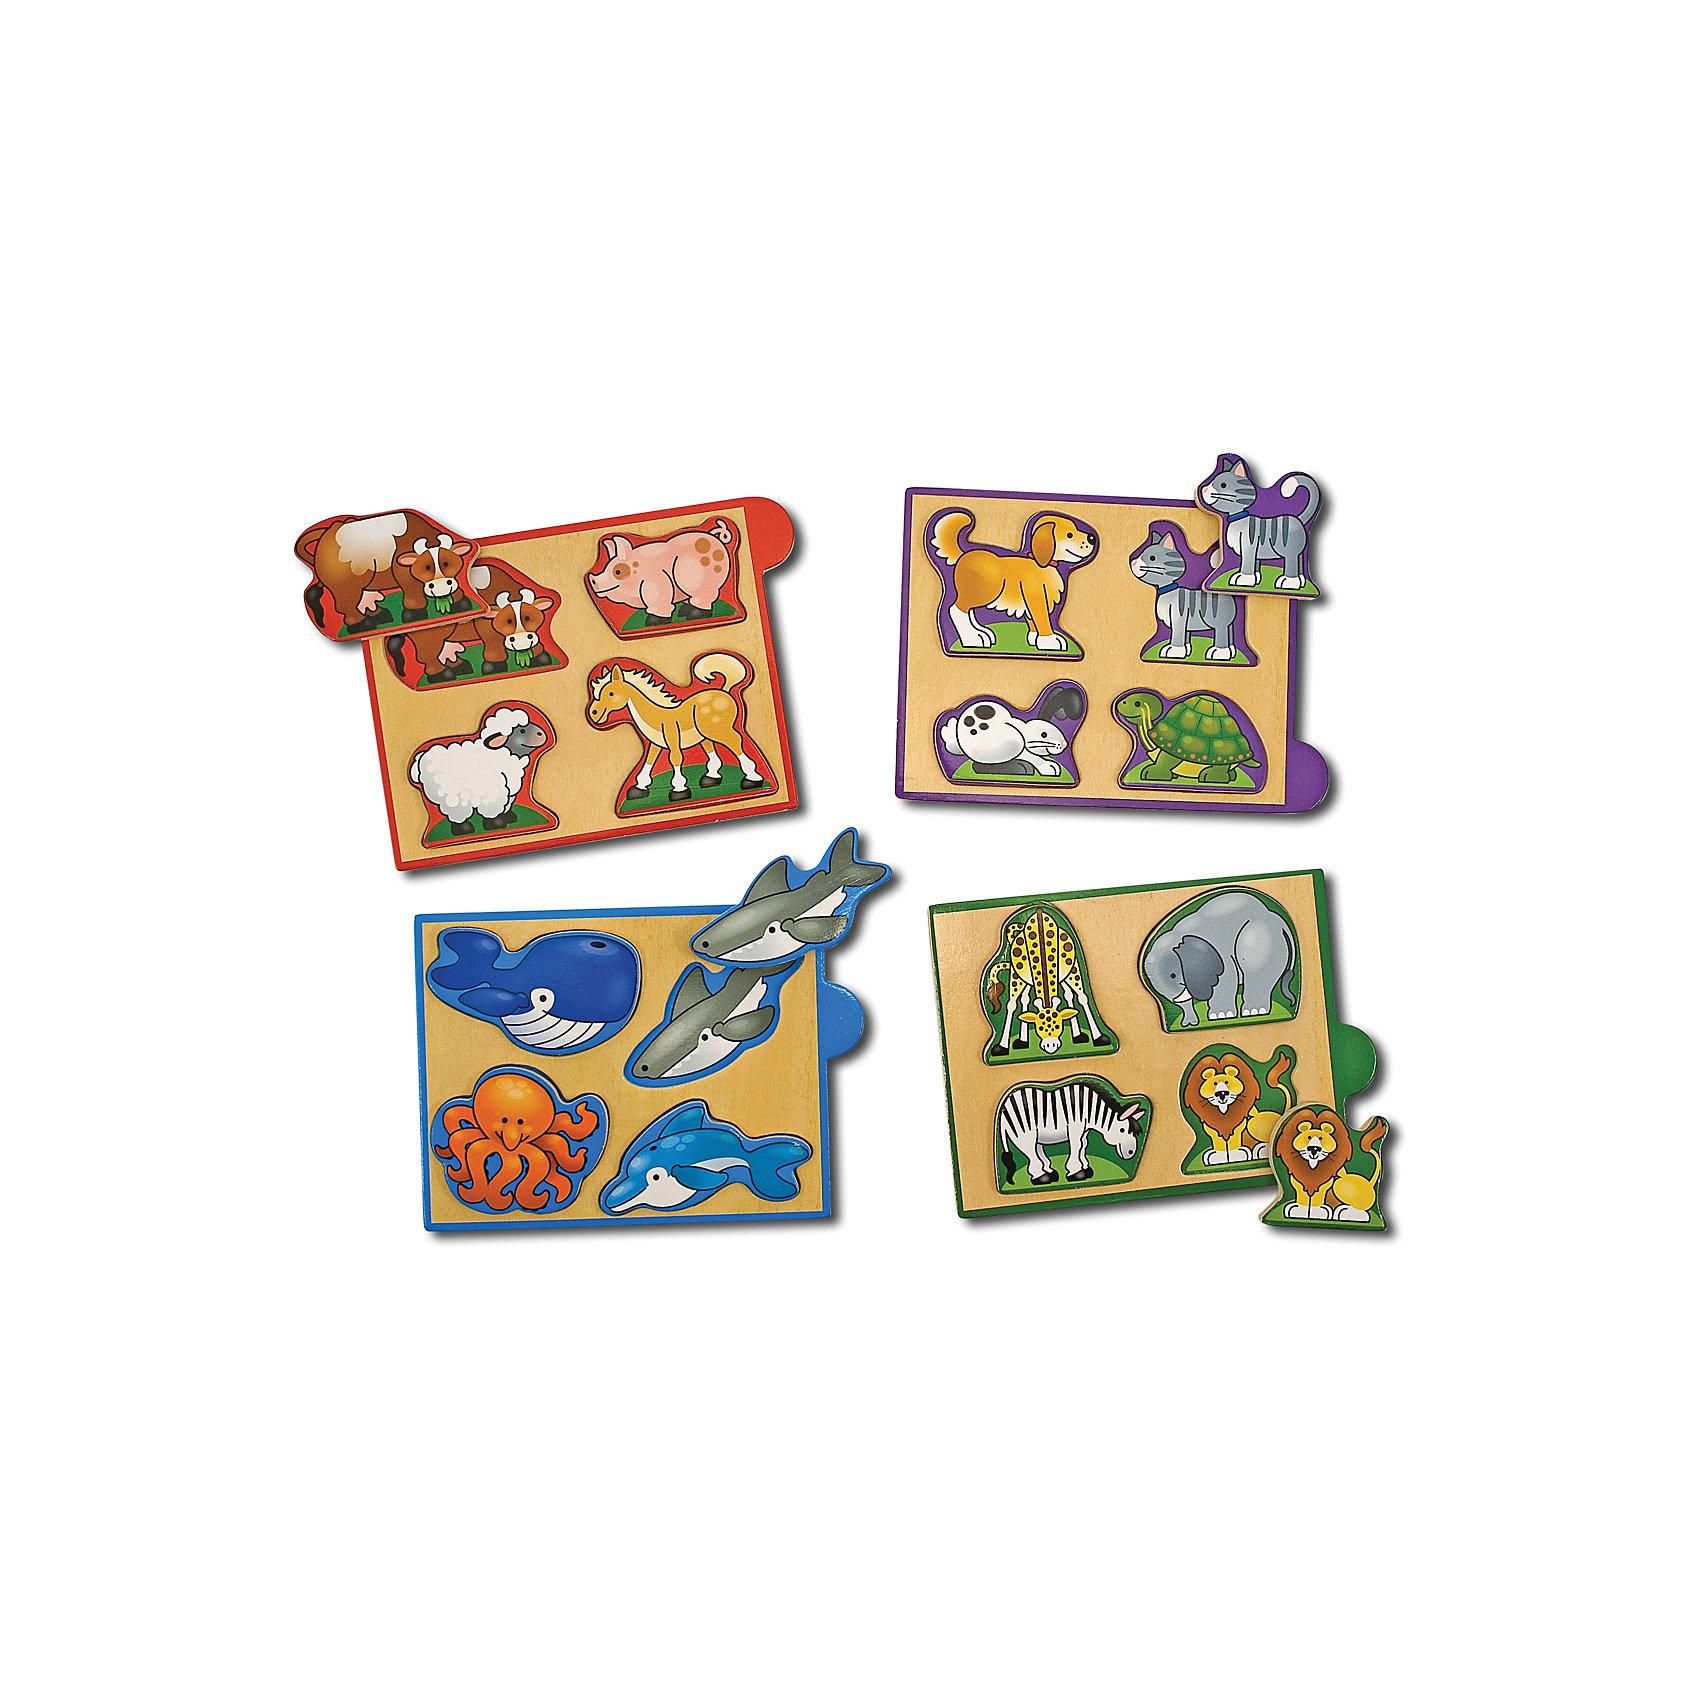 Рамка-вкладыш Животные, Melissa &amp; DougРамки-вкладыши<br>Мини-пазл Животные, Melissa &amp; Doug (Мелисса и Даг) –  это уникальный познавательный пазл для вашего малыша.<br>Деревянный мини-пазл Животные познакомит Вашего ребенка с дикими, домашними питомцами, животными с фермы и обитателями морей. Этот красочный набор включает четыре деревянных пазла с изображениями животных. Каждый пазл состоит из четырех деталей. Все они имеют рельефную форму, поэтому маленьким детским ручкам очень легко их брать и удерживать. Каждая деталь соответствует определенному рисунку на игровом поле. Пазлы упакованы в деревянную коробочку – их удобно брать с собой в поездки. Собирая пазлы, малыш развивает мелкую моторику и логическое мышление.<br><br>Дополнительная информация:<br><br>- Количество элементов: 4 пазла по 4 элемента<br>- Материал: дерево<br>- Размер упаковки: 5х12х17 см.<br><br>Мини-пазл Животные, Melissa &amp; Doug (Мелисса и Даг) можно купить в нашем интернет-магазине.<br><br>Ширина мм: 500<br>Глубина мм: 160<br>Высота мм: 120<br>Вес г: 362<br>Возраст от месяцев: 24<br>Возраст до месяцев: 48<br>Пол: Унисекс<br>Возраст: Детский<br>Количество деталей: 16<br>SKU: 4005807